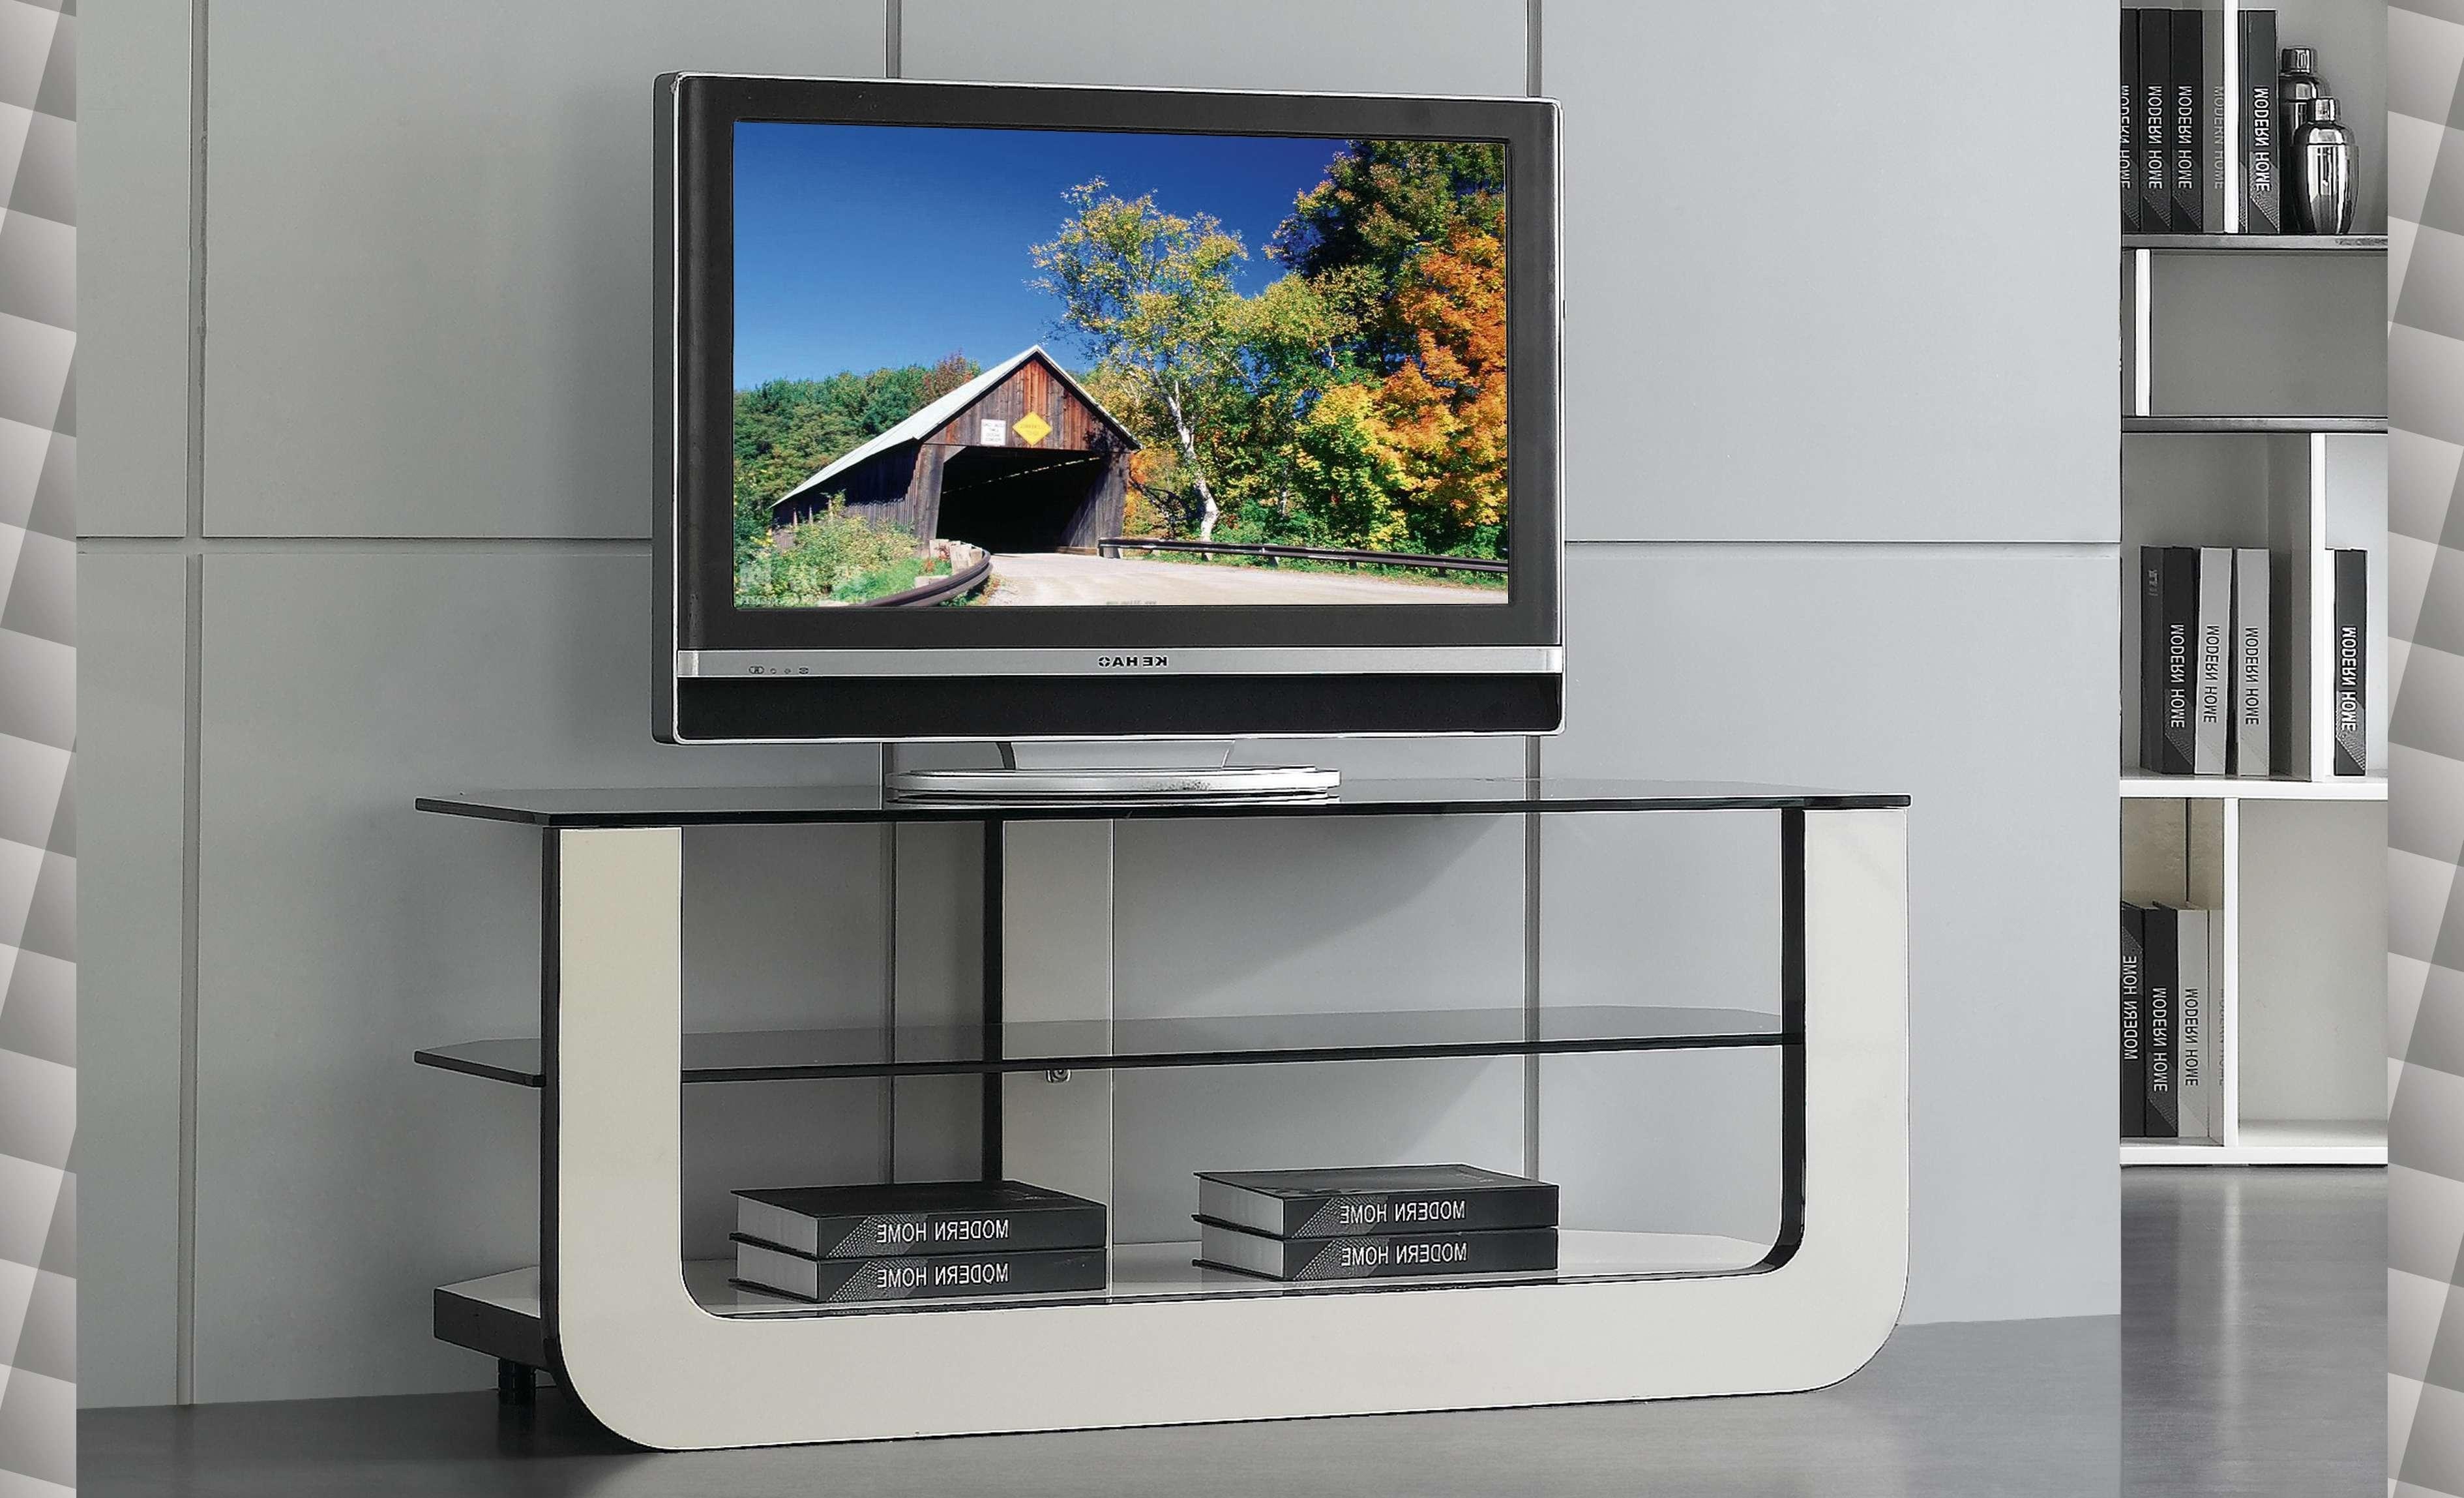 Contemporary Glass Tv Stands #14125 Regarding Contemporary Glass Tv Stands (View 5 of 15)